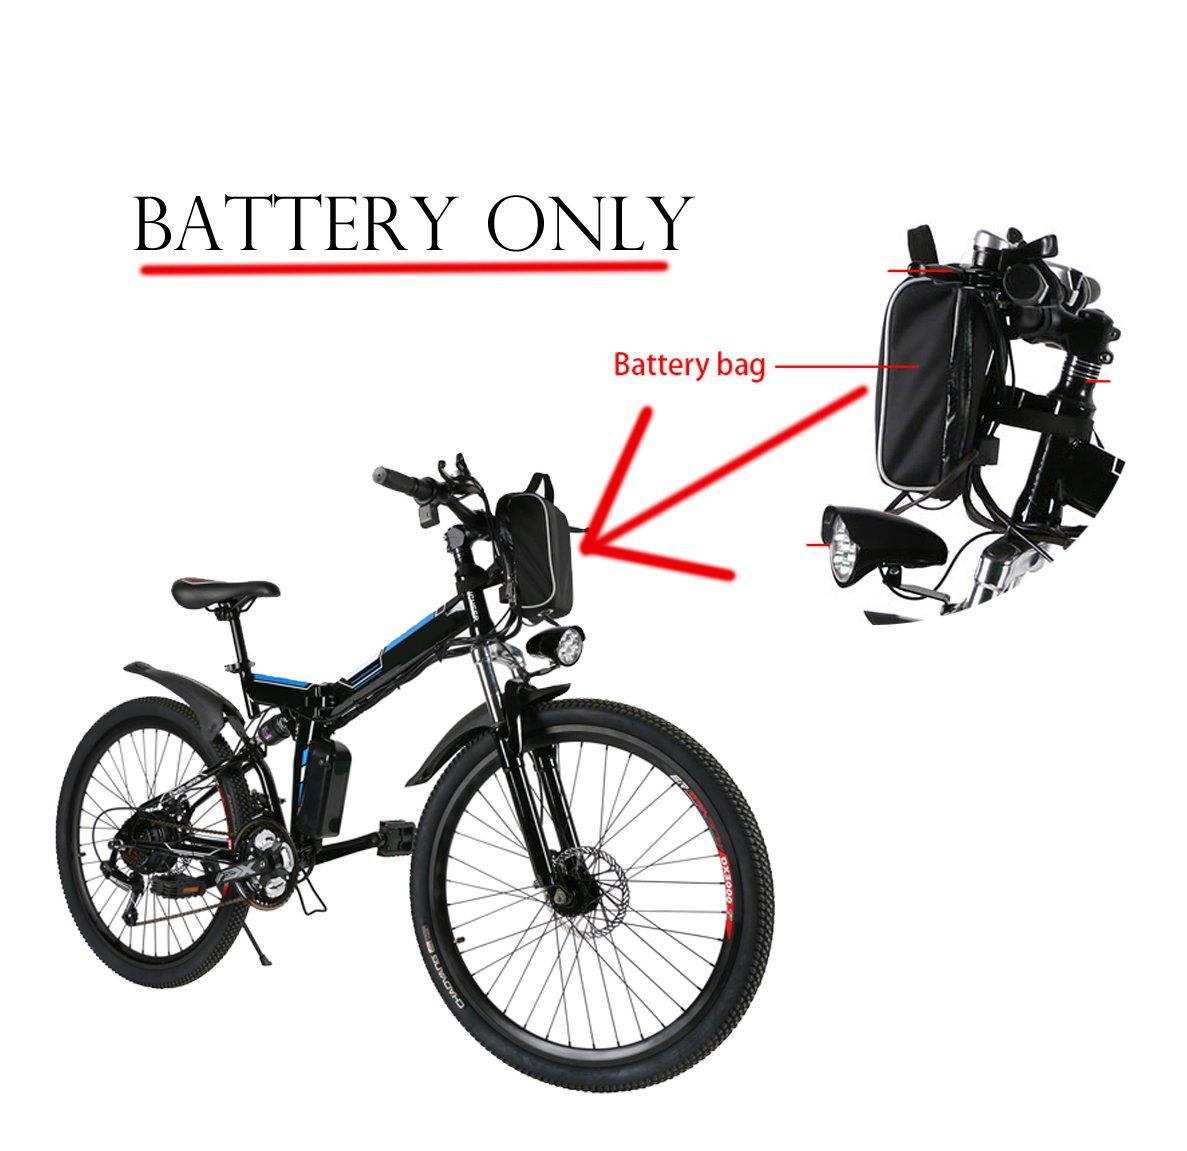 AIMADO 1 Bateria de Recambio para Bicicletas Electricas de Montaña ...